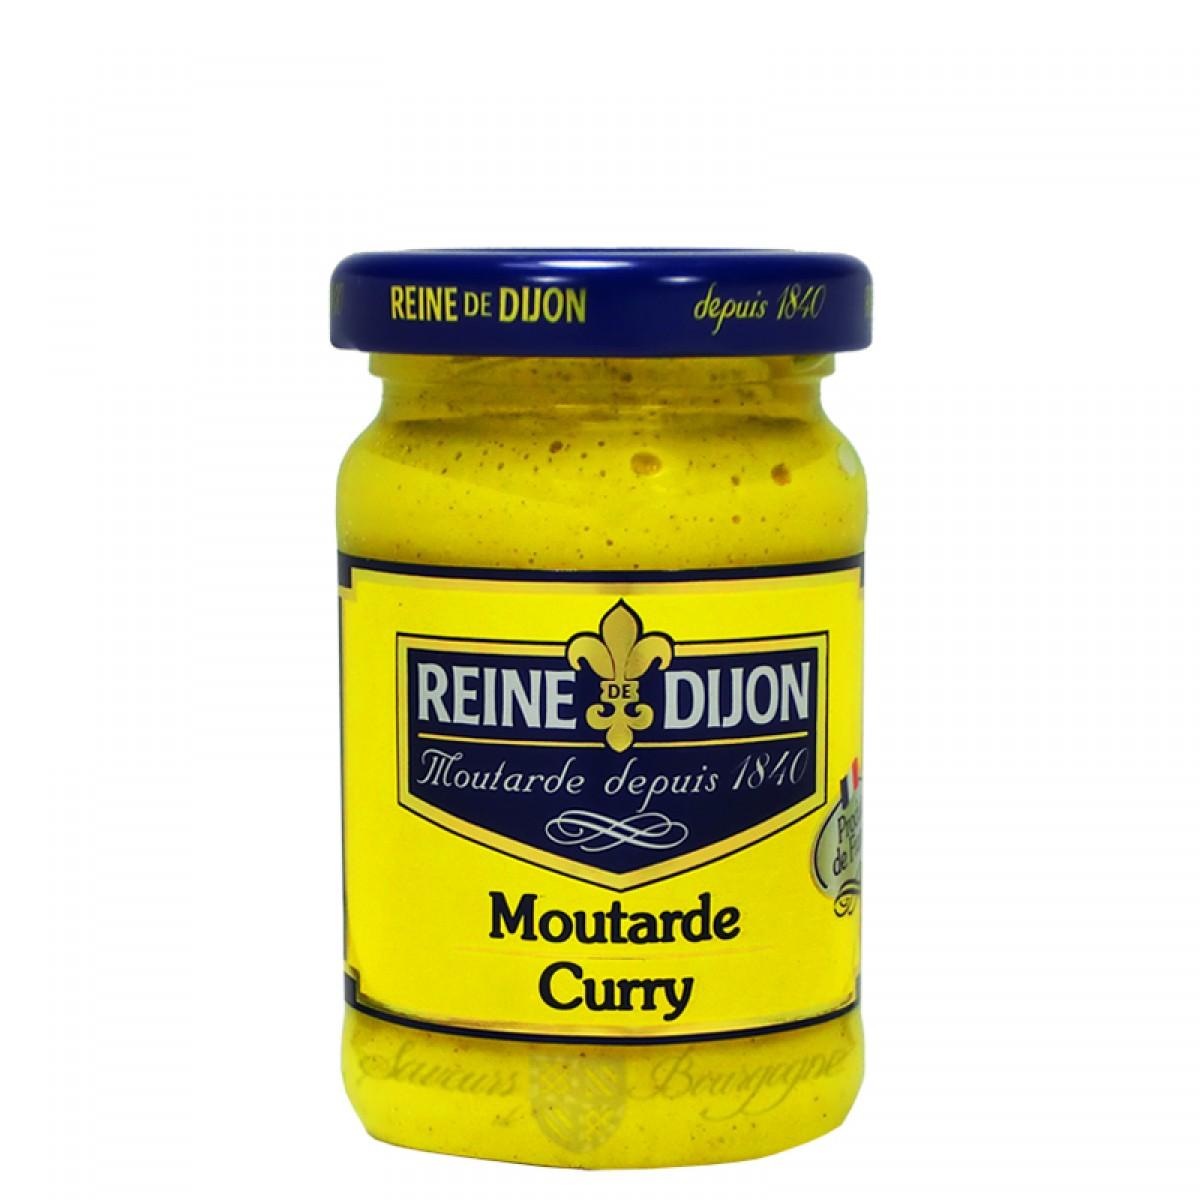 Moutarde au curry 100g saveurs de bourgogne vente de produits du terroir - Moutarde fallot vente ...